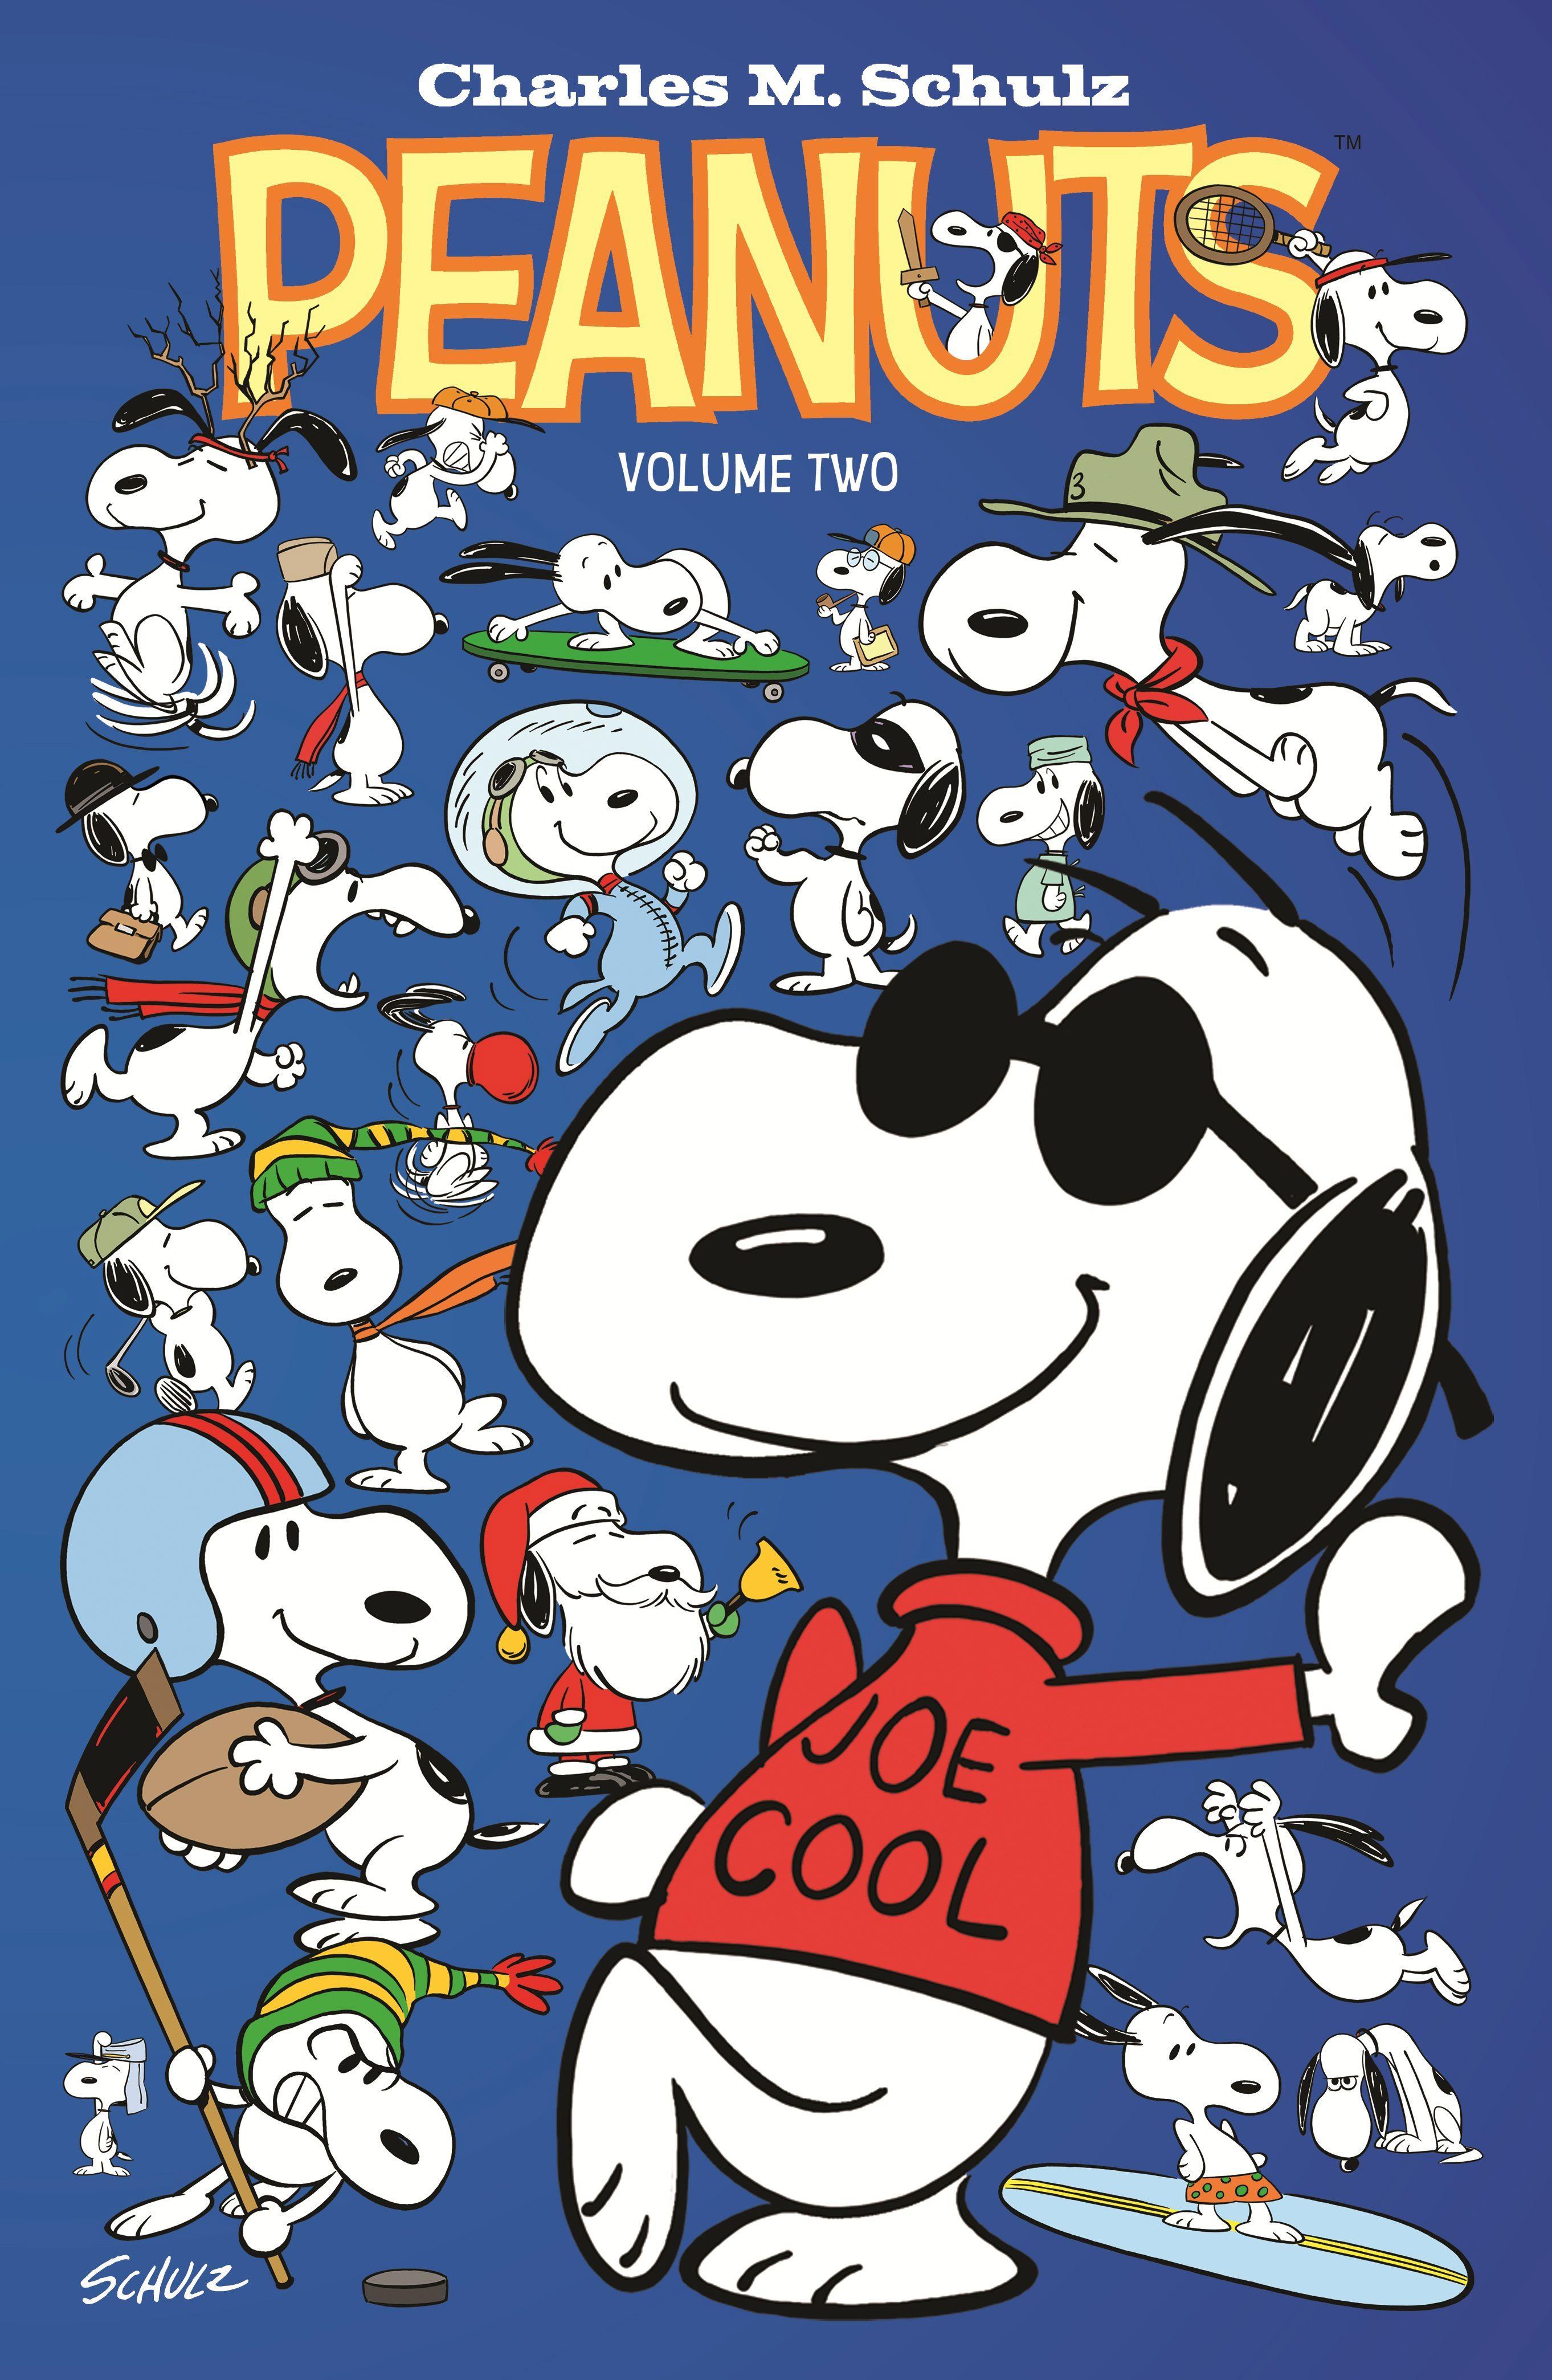 Peanuts vol 2 9781608862993 hr